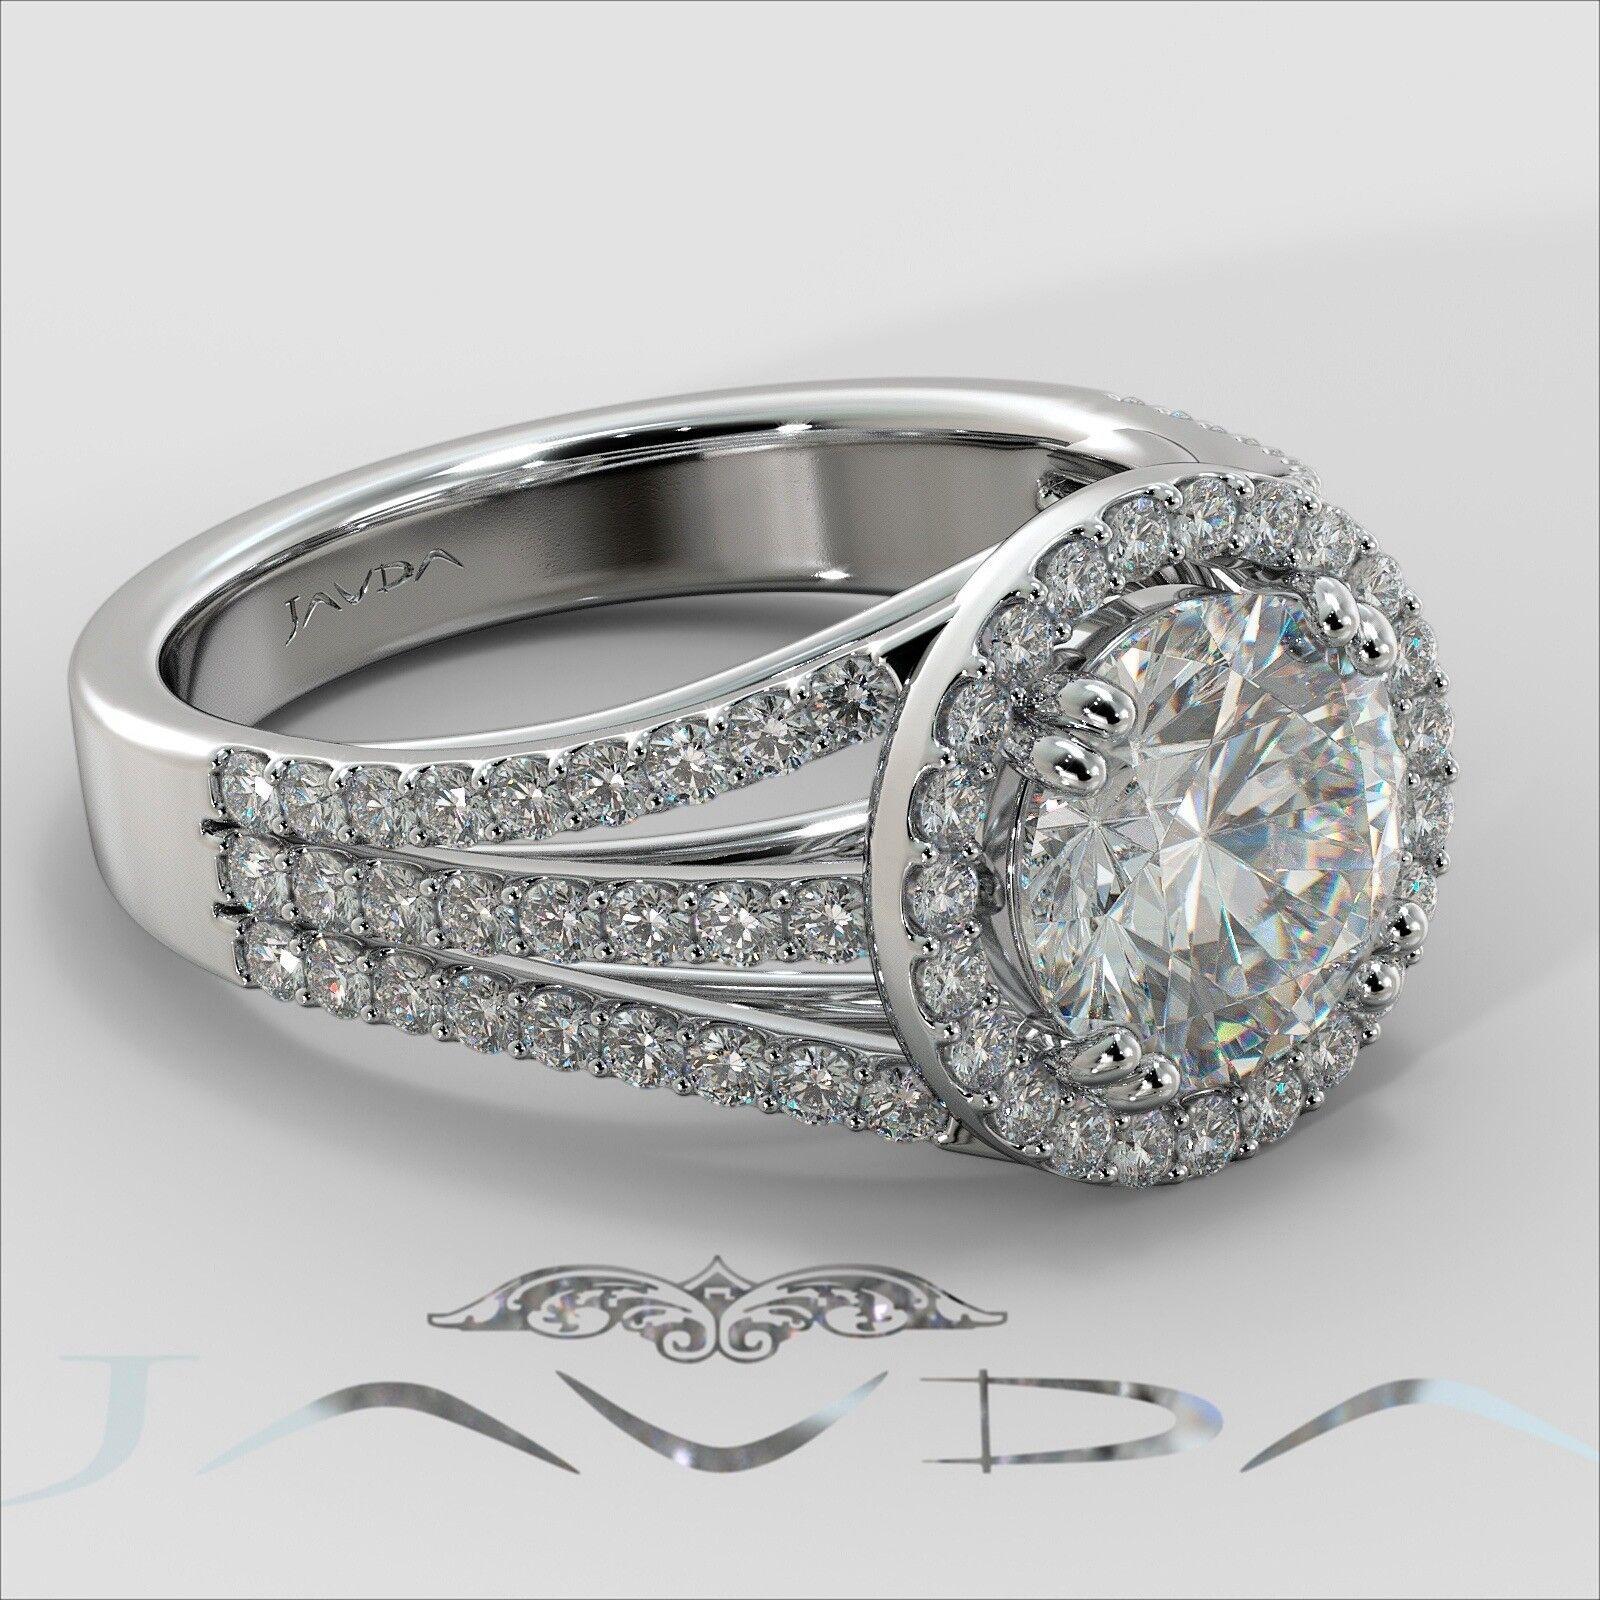 2ct Trio Shank Halo Sidestone Round Diamond Engagement Ring GIA E-VS2 White Gold 2